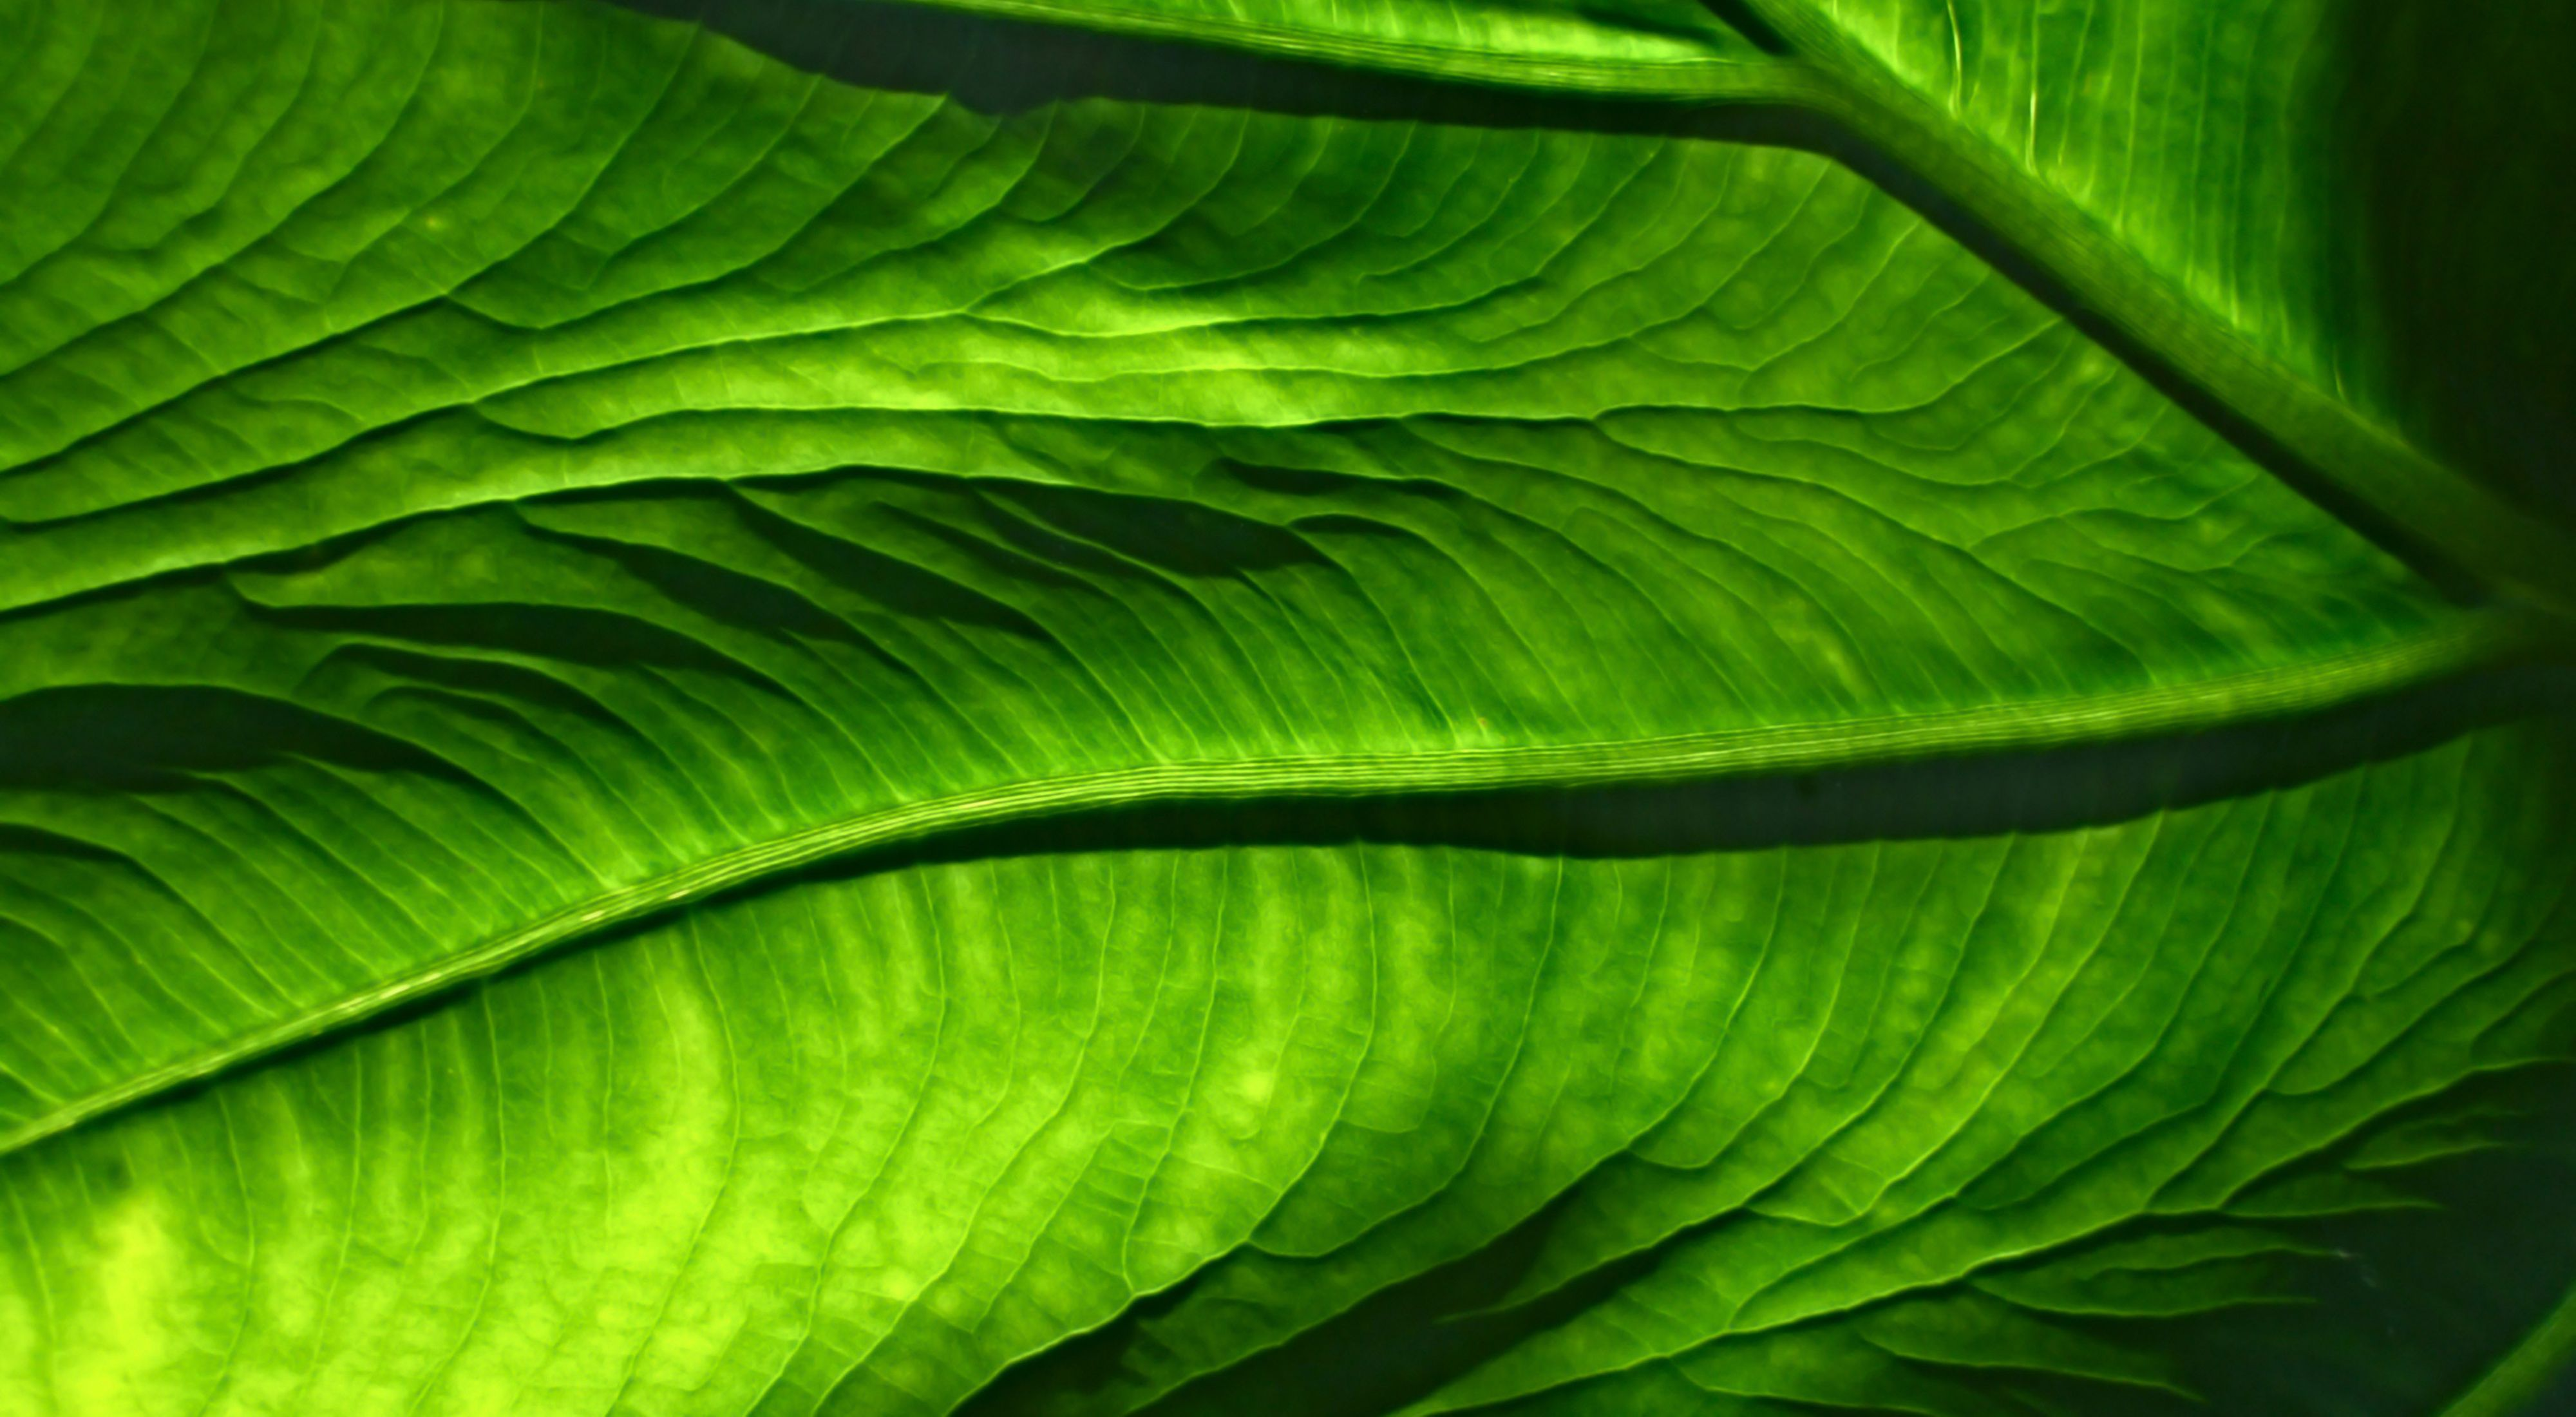 of a leaf.